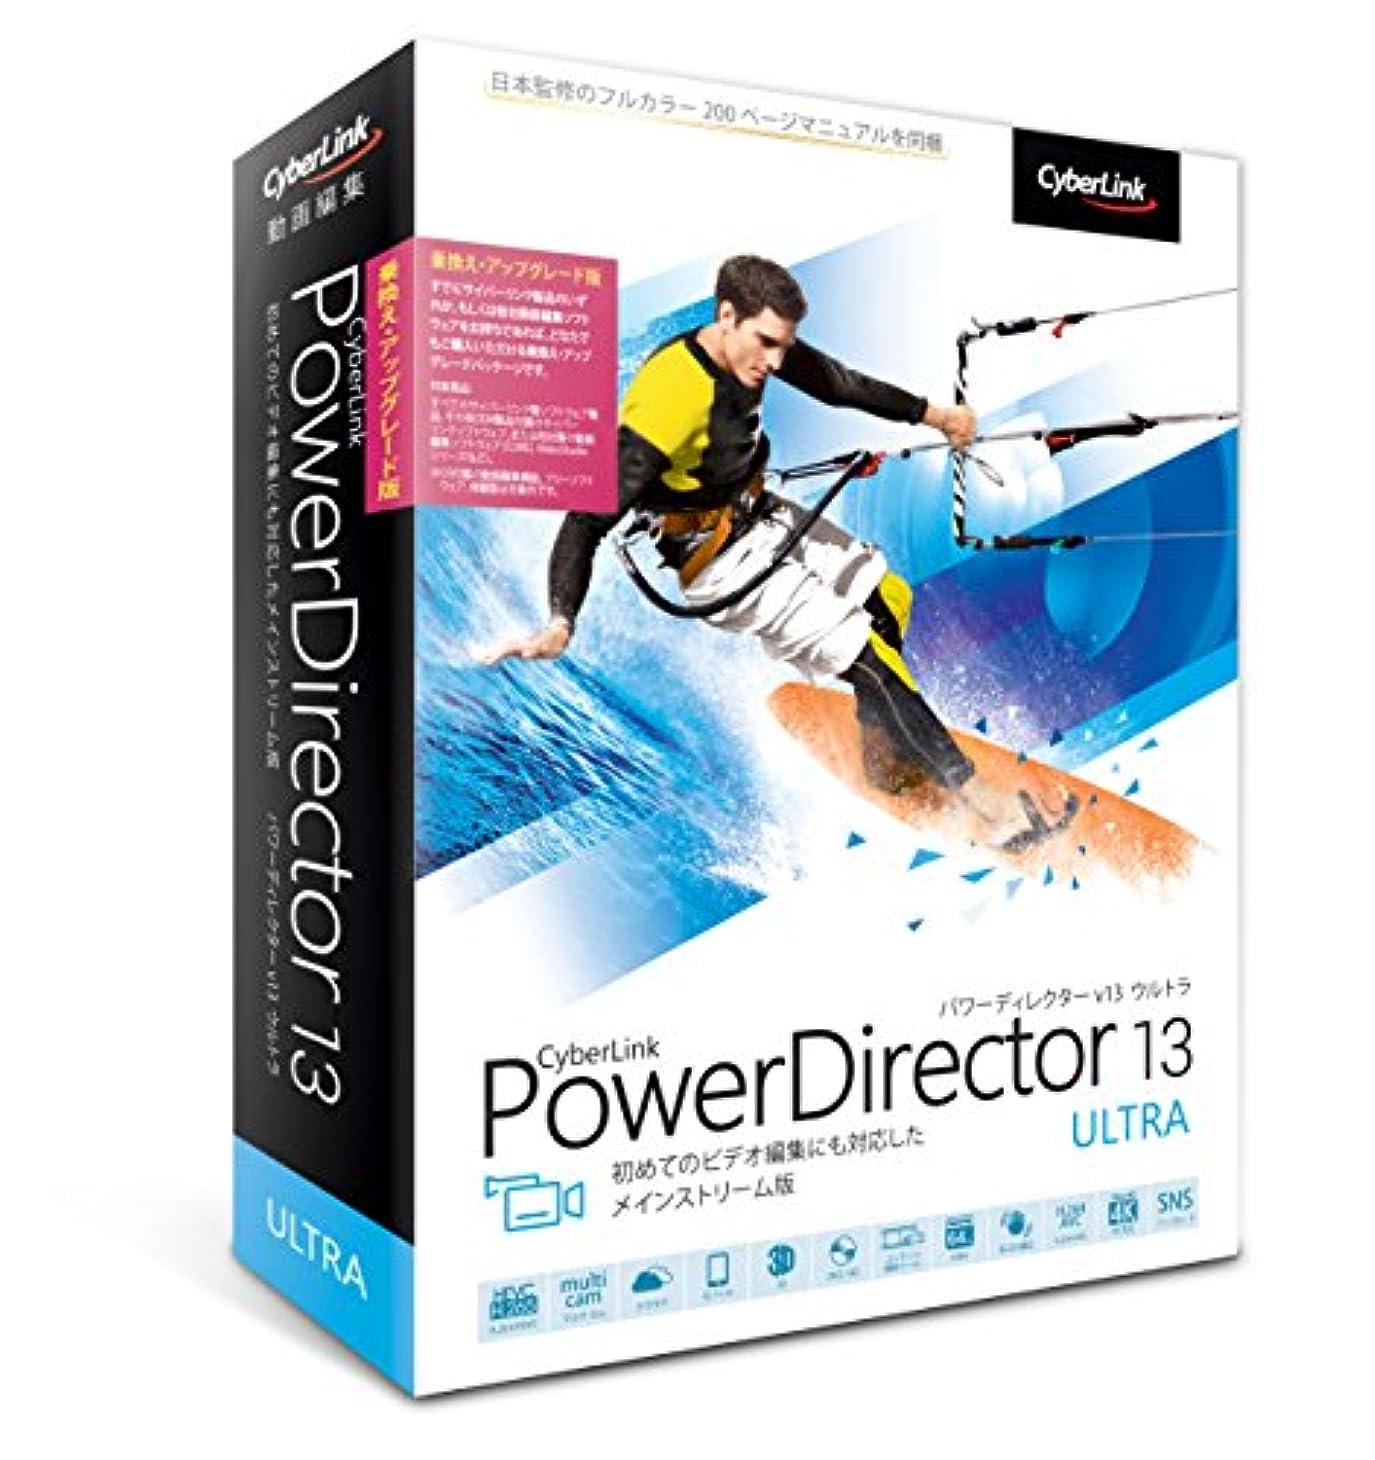 遅れあたたかい敬の念PowerDirector 13 Ultra 乗換え?アップグレード版